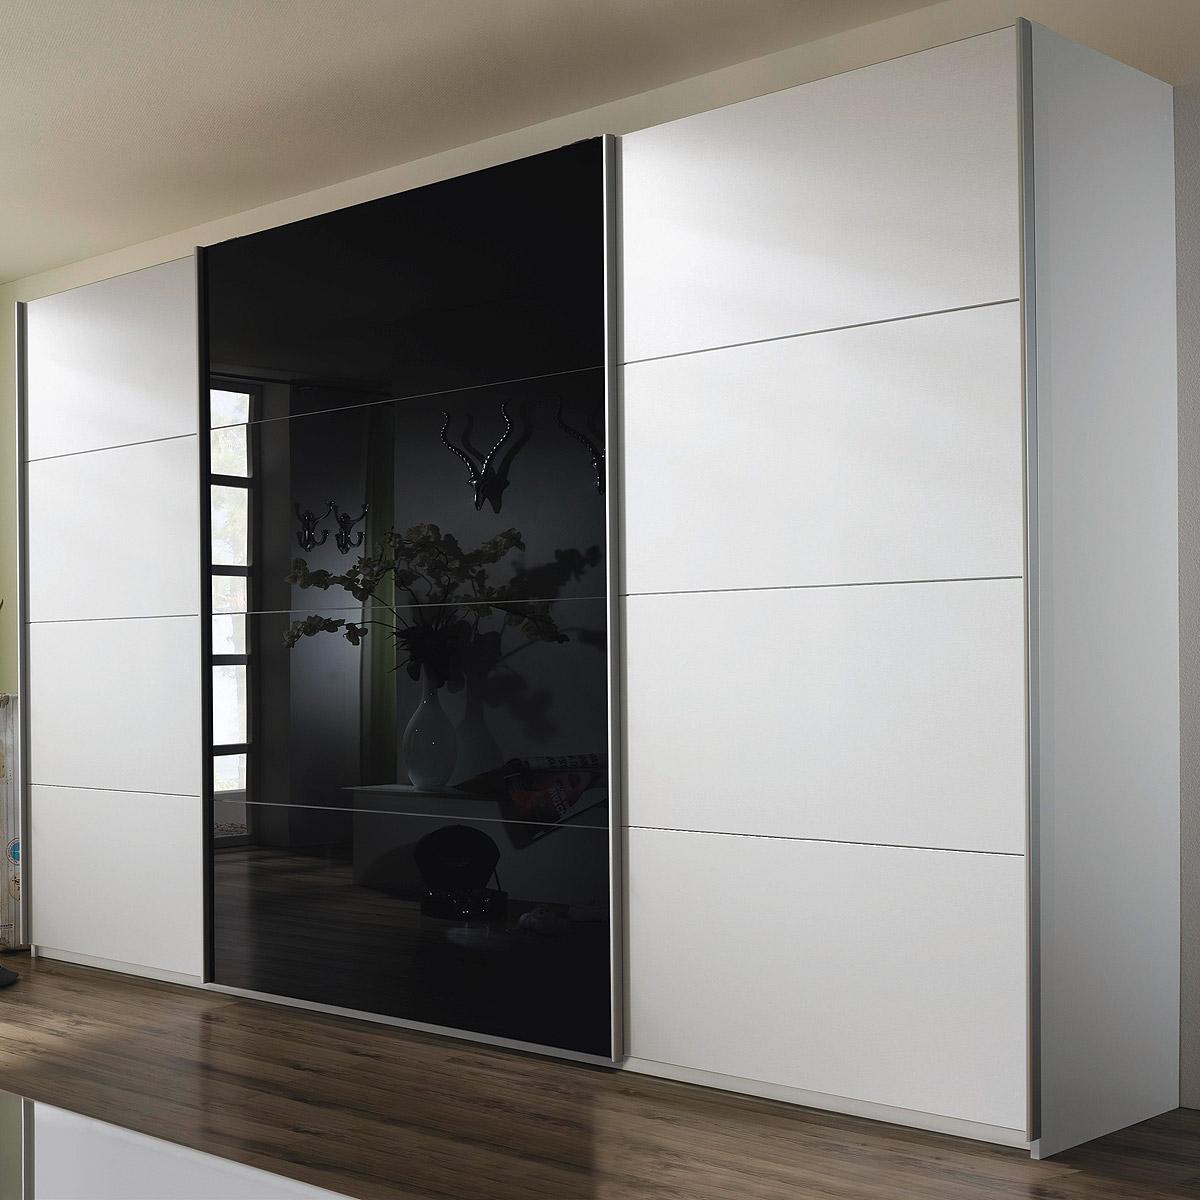 schwebet renschrank quadra kleiderschrank in wei und glas. Black Bedroom Furniture Sets. Home Design Ideas